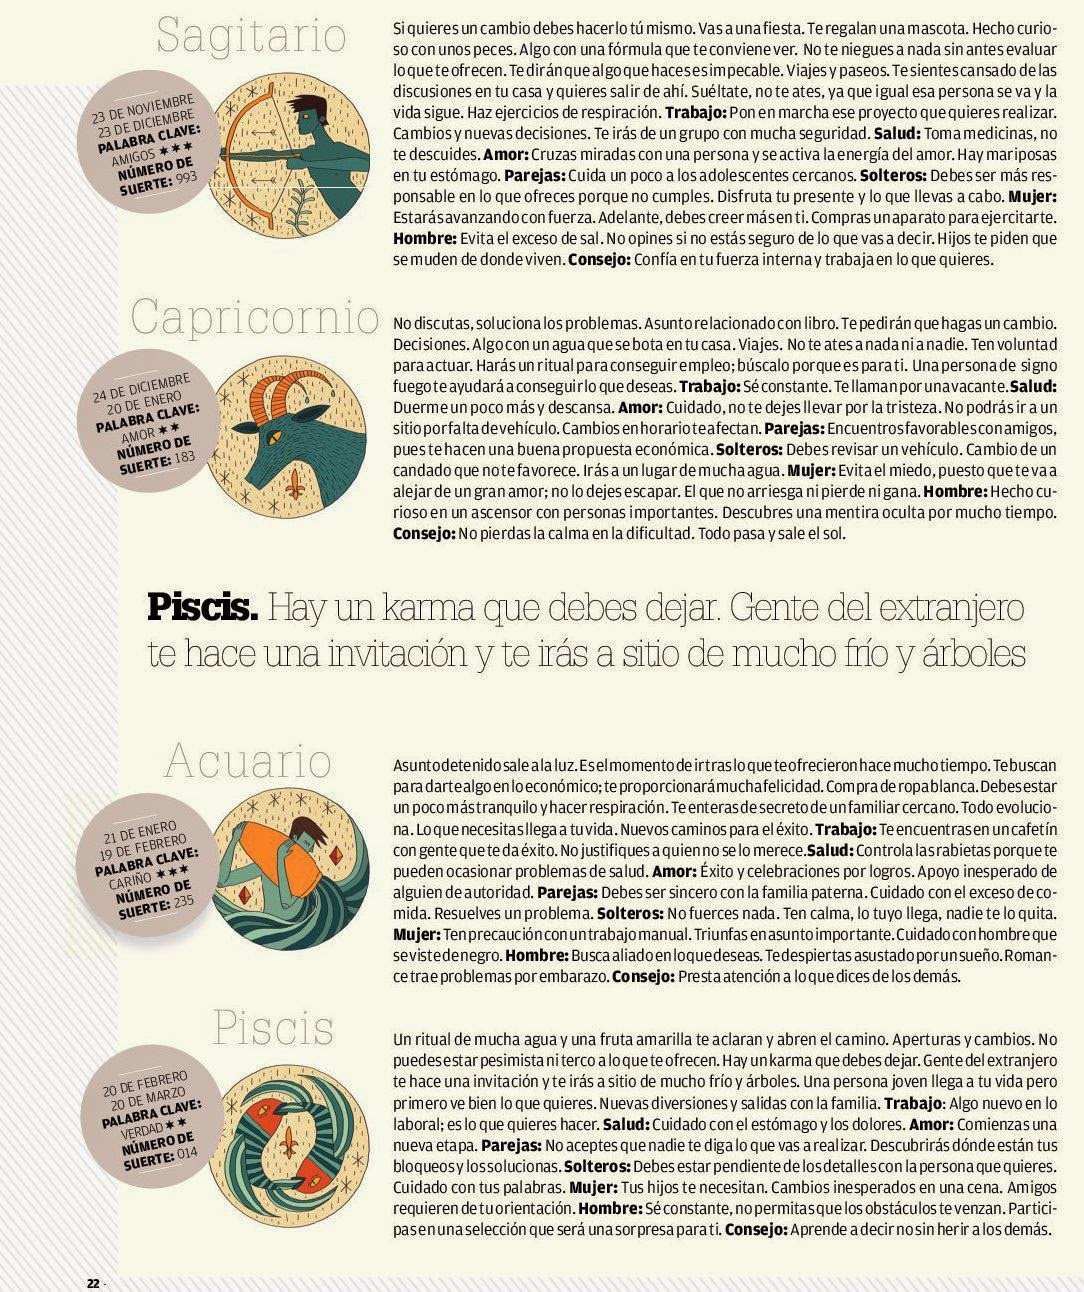 ... ,Acuario,Piscis del 6 al 12 de abril de 2014 Adriana Azzi Sedes